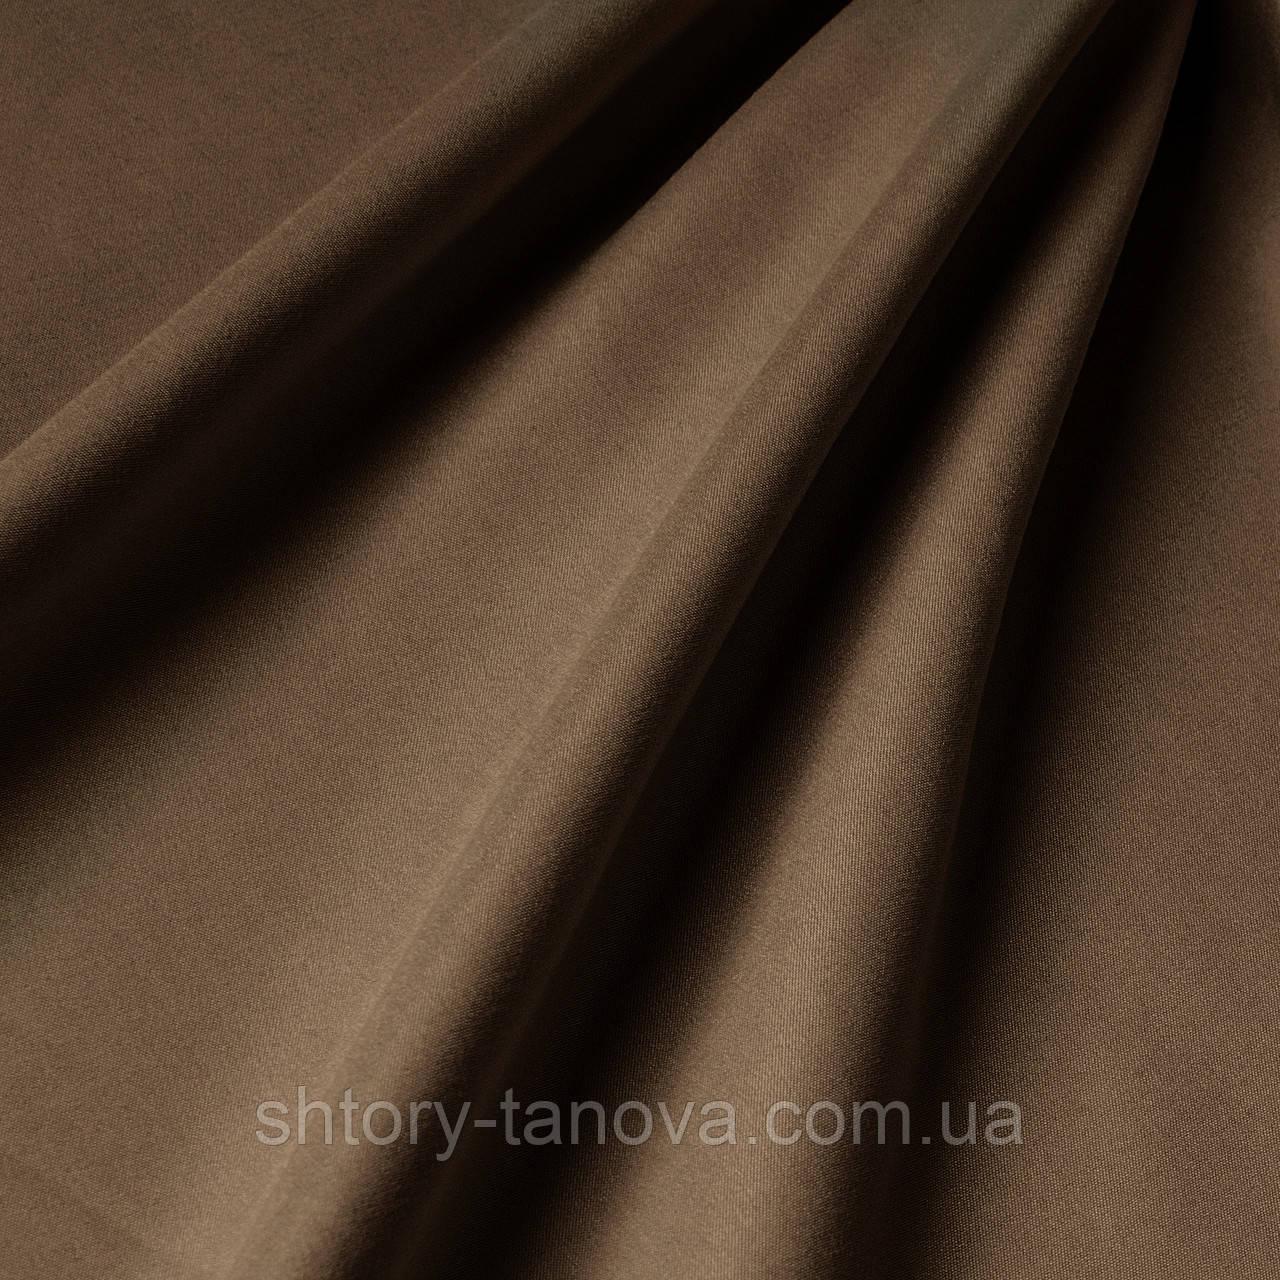 Подкладочная ткань цвета какао с матовой фактурой